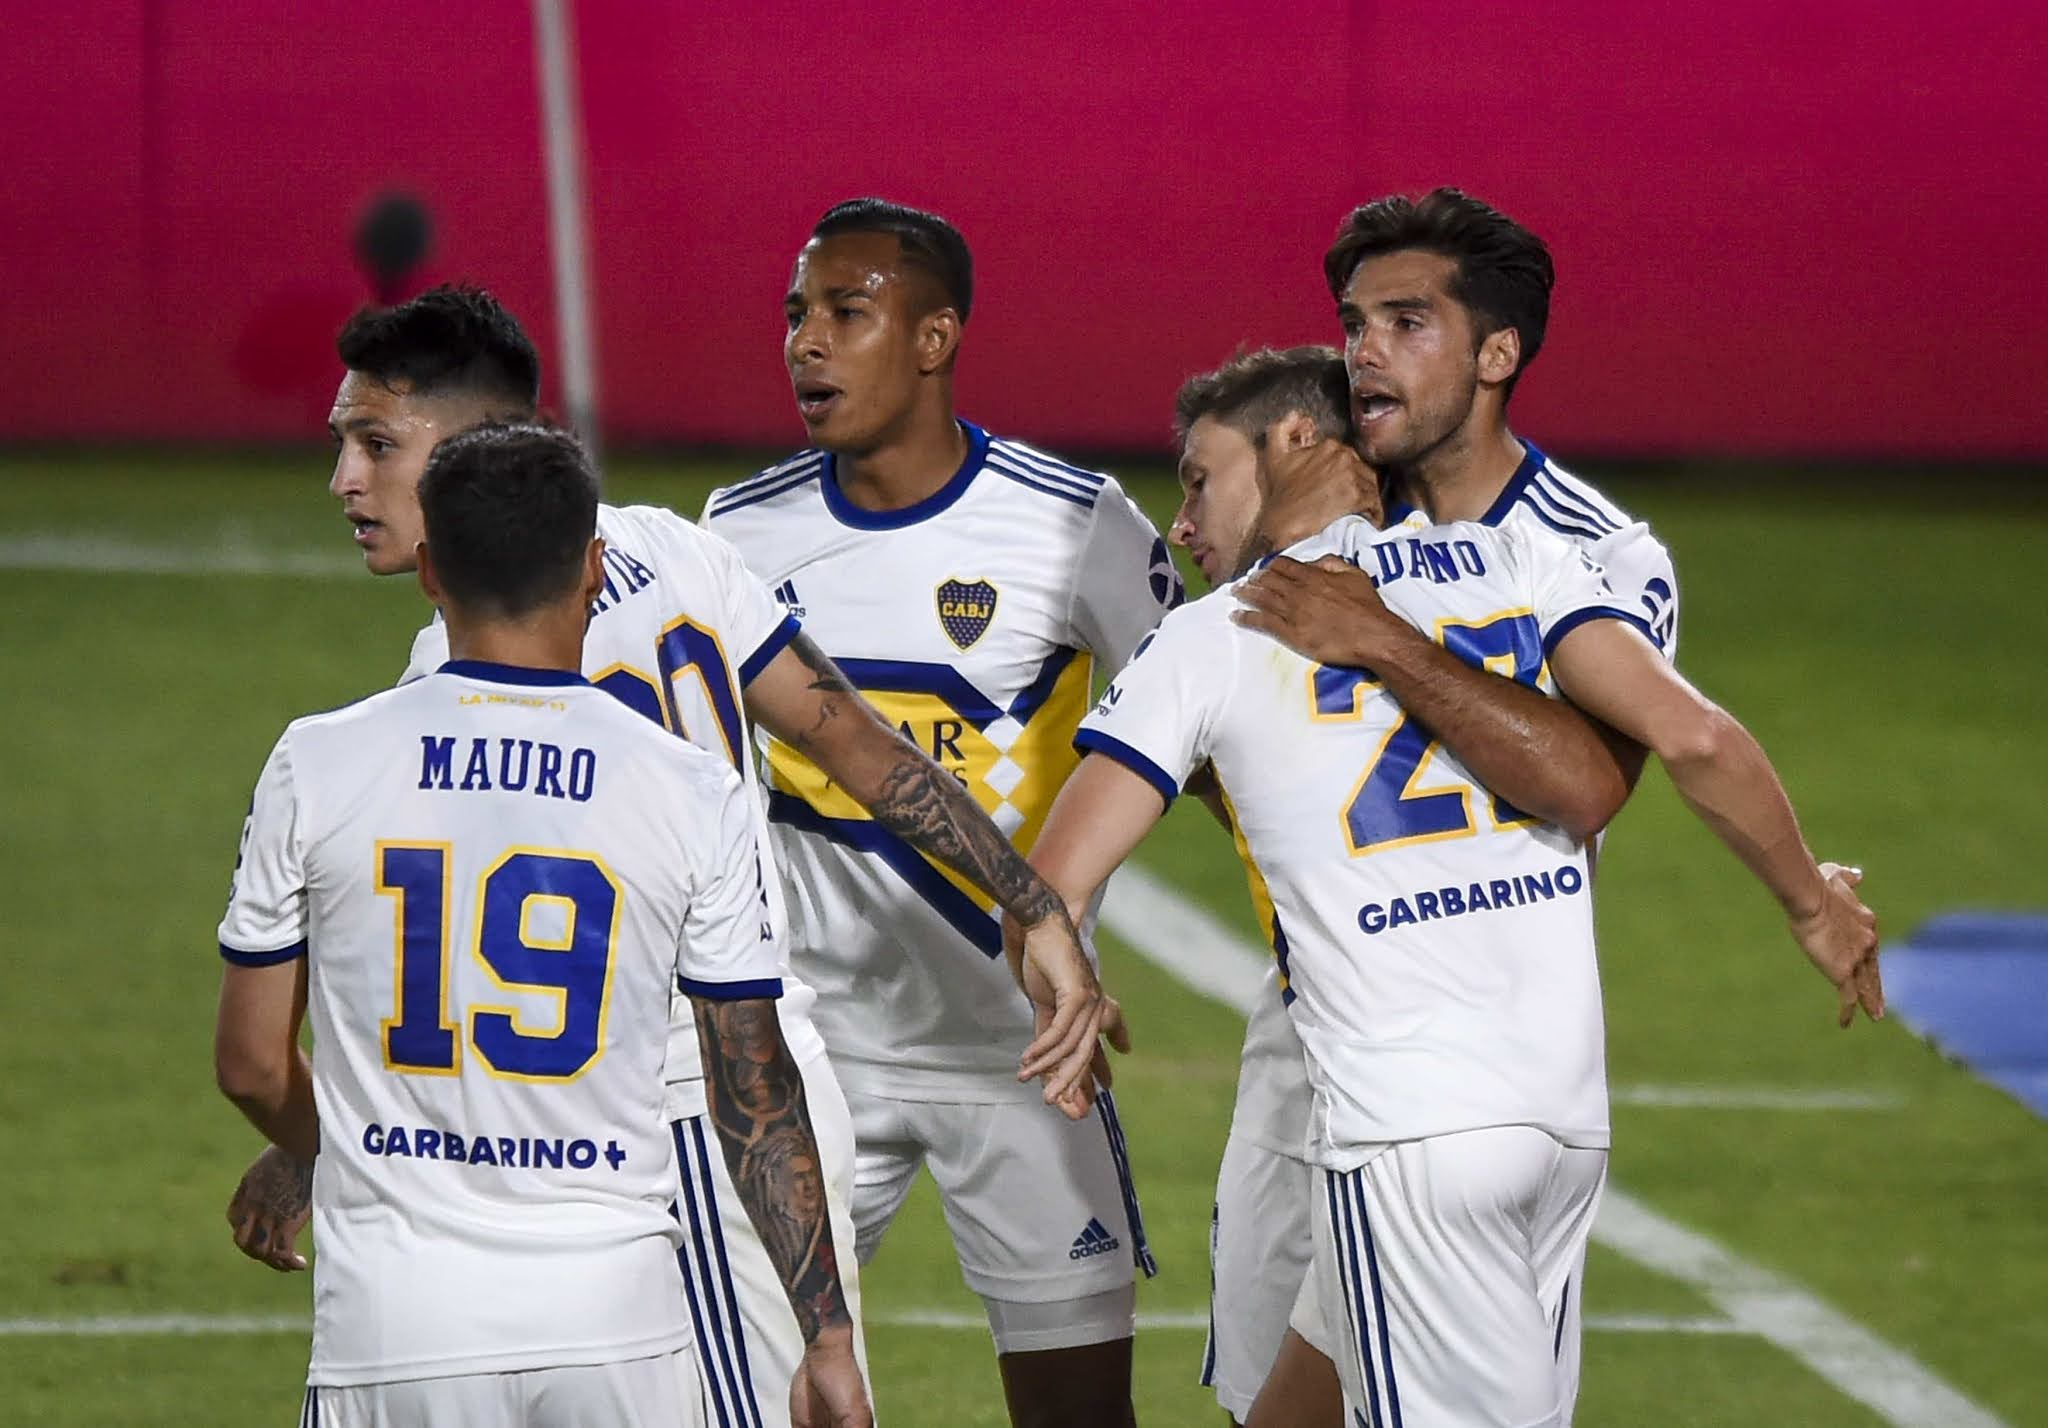 Boca arrancó perdiendo con suplentes y se lo dio vuelta a Independiente sobre el final